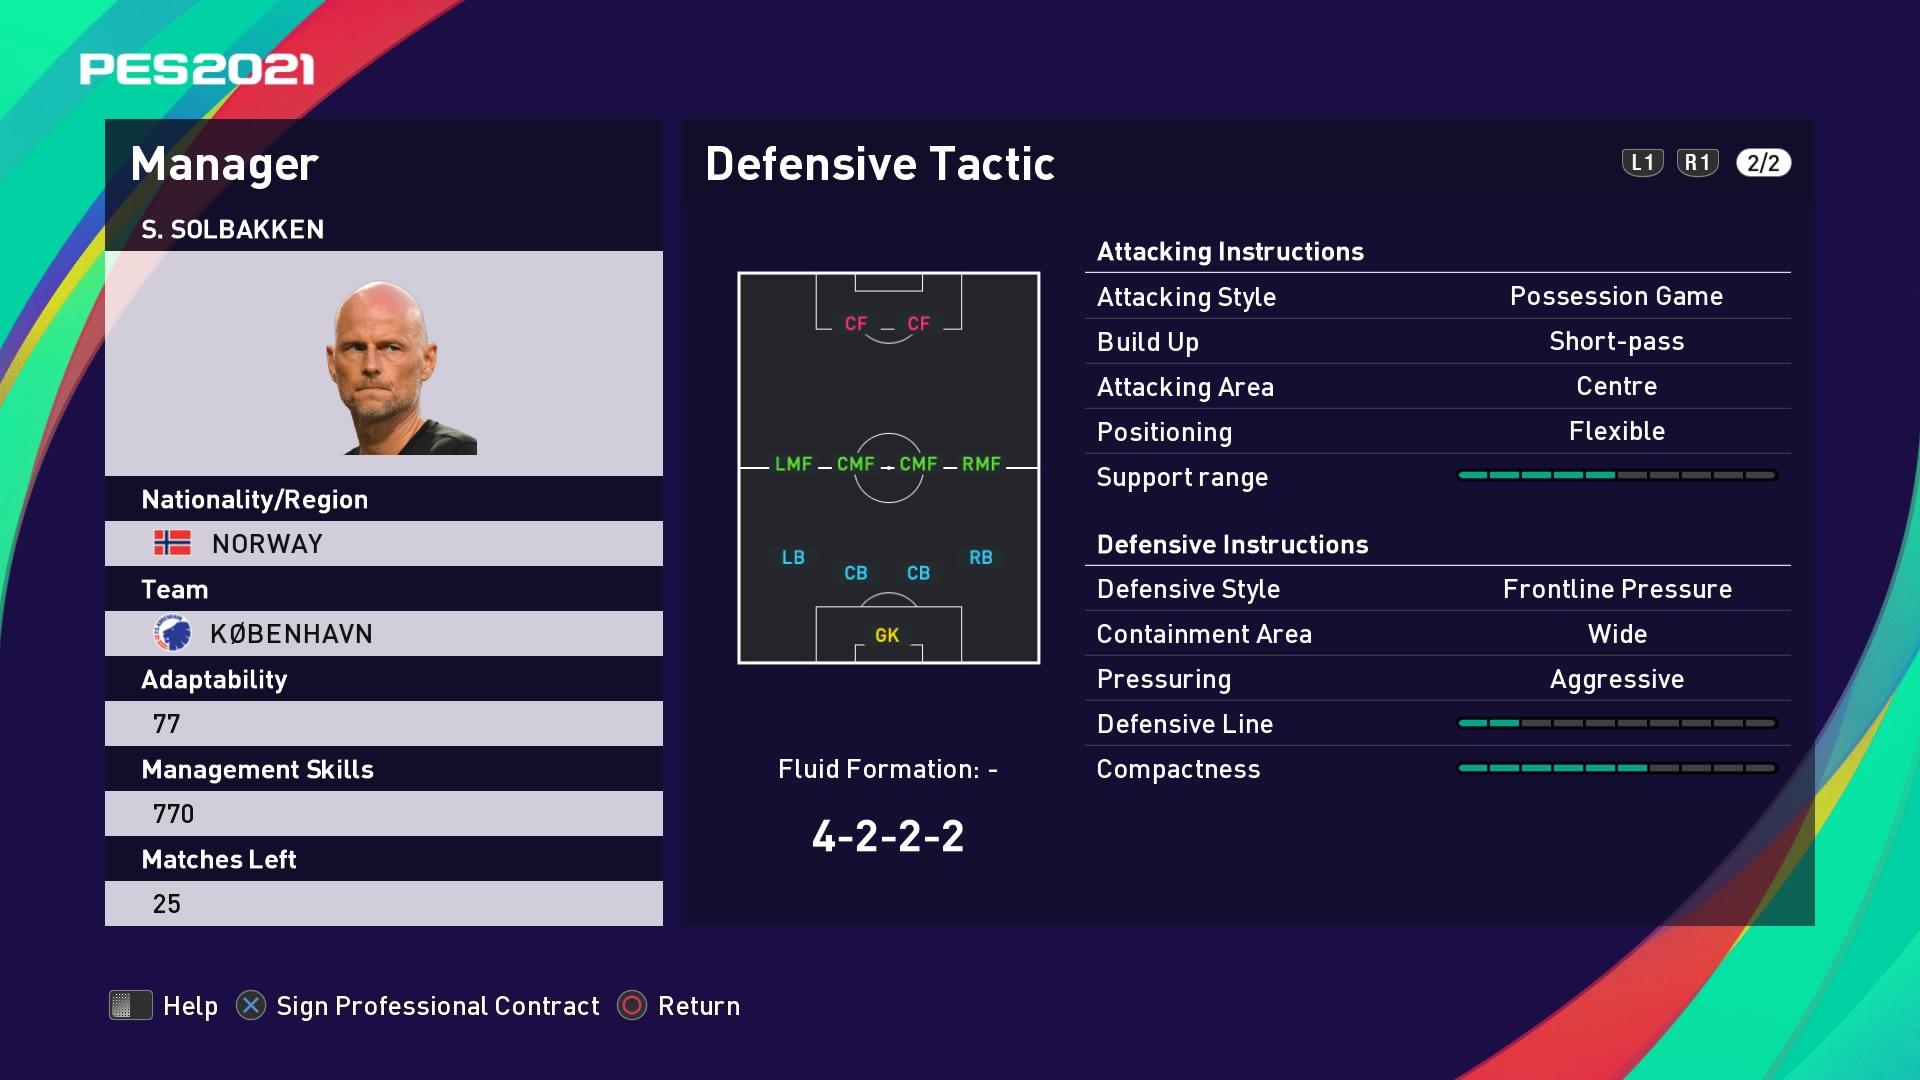 S. Solbakken (Ståle Solbakken) Defensive Tactic in PES 2021 myClub